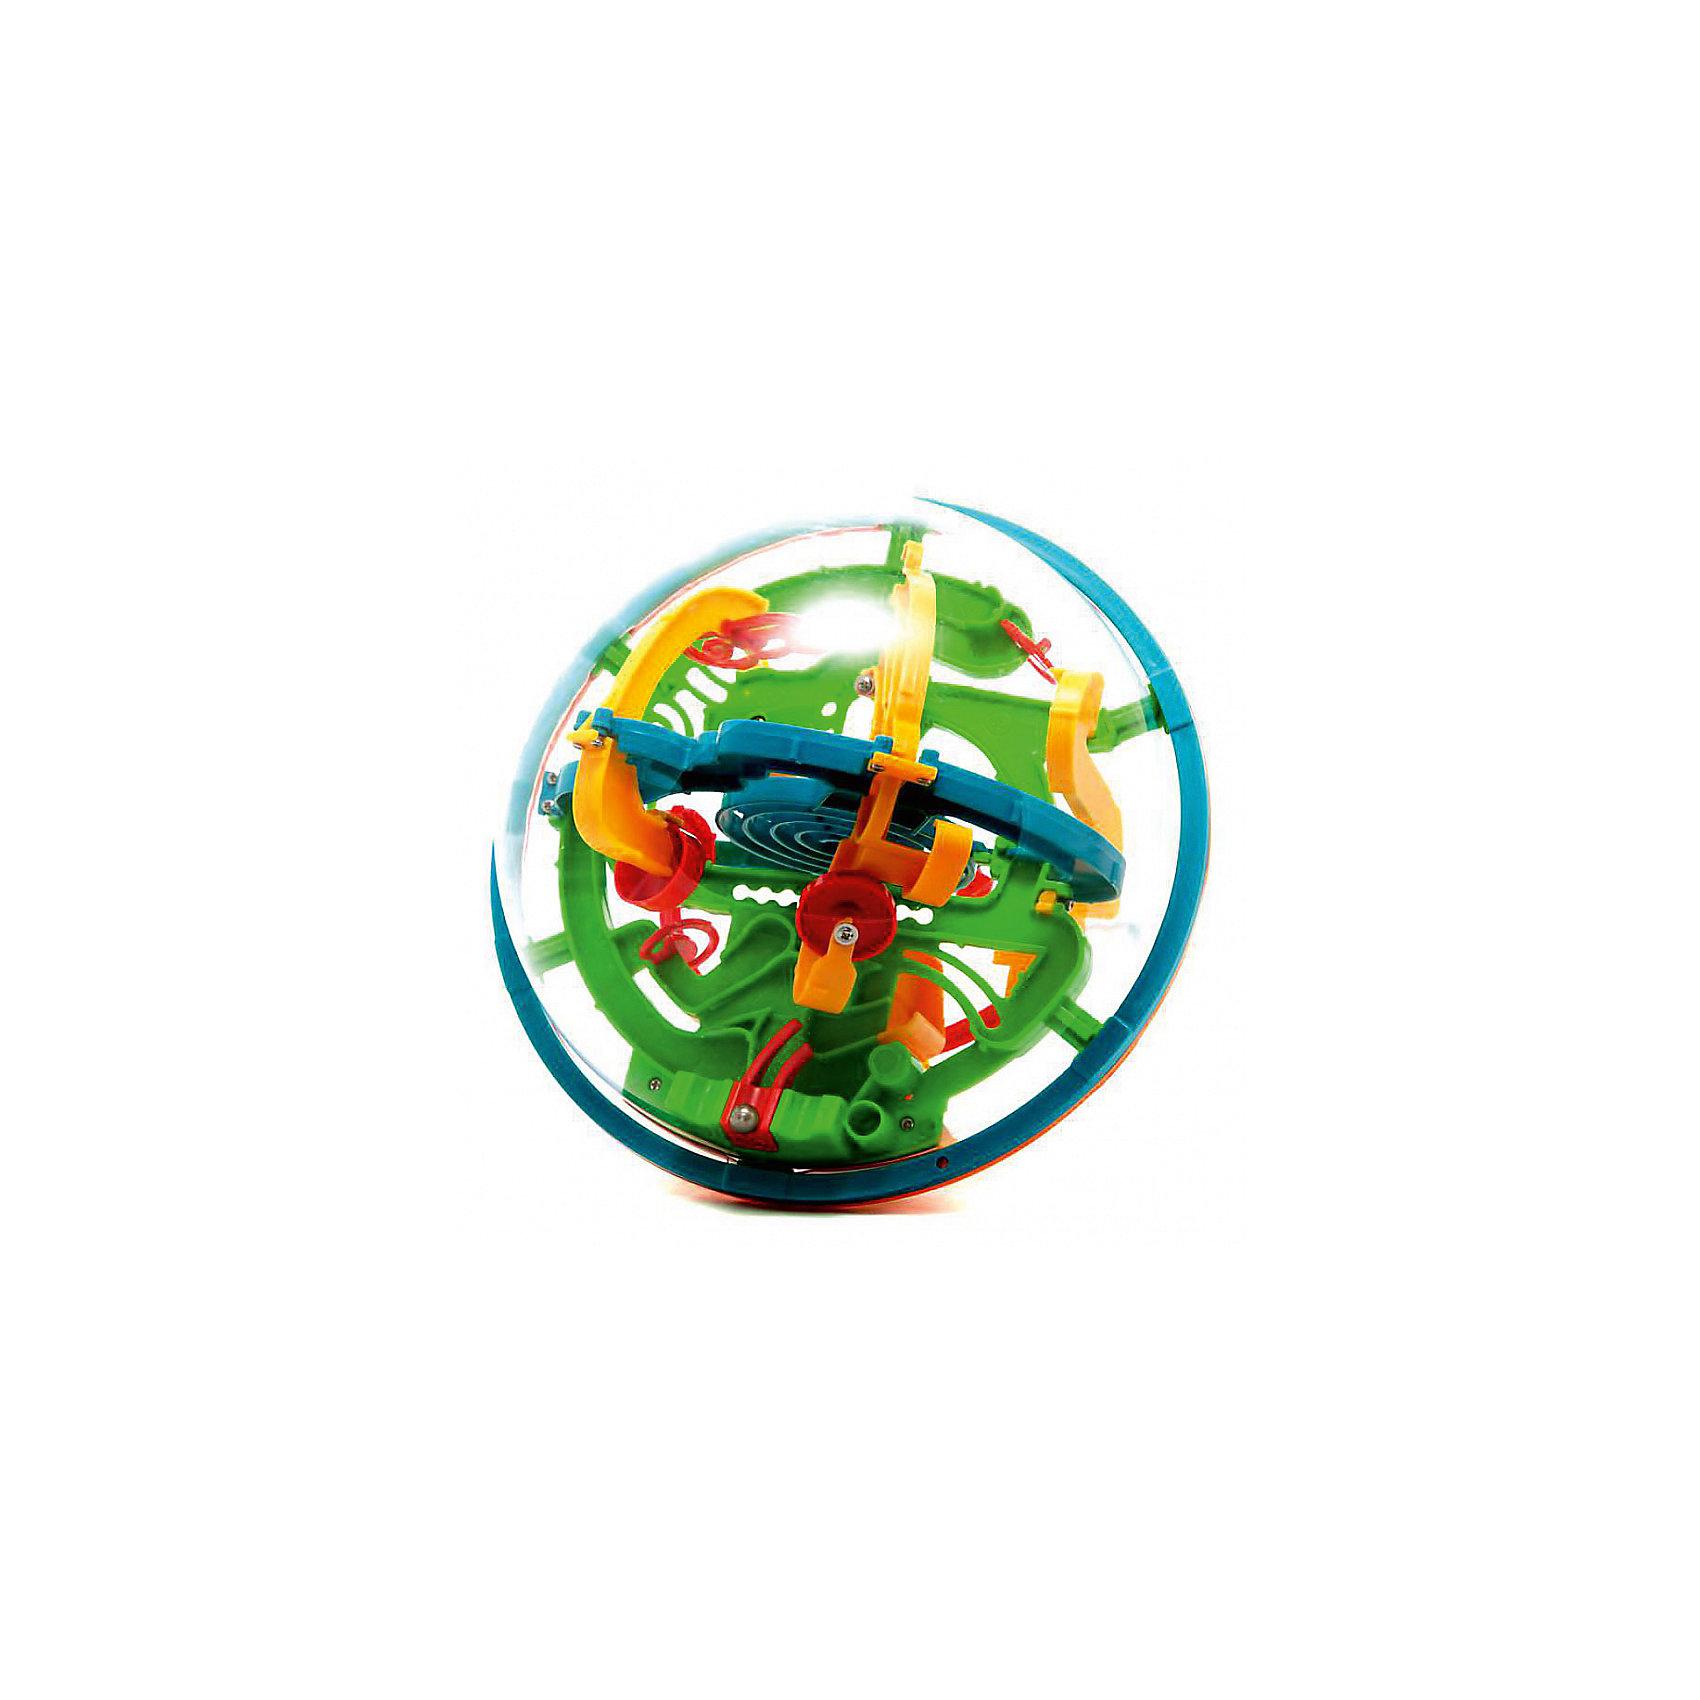 Лабиринтус, 138 шагов, 19 смОбъёмные головоломки<br>Это версия Original, средняя по сложности, самая известная и популярная модель. Диаметр сферы составляет 19см, внутренний лабиринт насчитывает 138 шагов. Шаги и препятствия сконструированы таким образом, что бы максимально заинтересовать и сделать игру увлекательной и интересной. Именно с этого шара началась вся линейка Лабиринтусов!<br><br>Конструктивно эта игрушка состоит из прозрачной сферы-купола, внутри которой проложен сложнейший лабиринт дорожек и находится металлический шарик. Цель игры: поворачивая руками большой шар нужно провести маленький шарик через захватывающие хитросплетения дорожек, от первой контрольной точки до последней. В отличии от привычных плоских лабиринтов, в этой игрушке развивается по-настоящему пространственное мышление и видение, ведь шарик постоянно перемещается из одной плоскости в другую, рискуя на каждом этапе упасть, вынуждая начинать заново.<br><br>Лабиринтус моментально захватывает воображение и втягивает в игру. Будьте уверены, если у вас в руках Лабиринтус 19см Original и поблизости есть другие люди, любой из них захочет попробовать и не отдаст игрушку пока не пройдет весь лабиринт! Яркие цвета, необычный вид и неизбежные.. поражения, конечно же сменяющиеся победами на всем протяжении игры от 1 до последней точки! Как жаль, что в мире мало игрушек, способных дарить хоты бы половину эмоций от игры с Перплексусом.<br><br>    Средний уровень сложности подходит для всей семьи.<br>    Больше 100 контрольных точек и 3 независимые точки входа (1, 26, 59).<br>    Оптимальный размер внешней сферы, удобный для детей и взрослых: диаметр шара 19 см, чуть меньше футбольного мяча.<br>    Общая протяженность трассы - более 7 метров.<br>    Прочный и упругий прозрачный пластик, гарантирующий долговечность игрушки даже в руках озорного ребенка!<br><br>Ширина мм: 185<br>Глубина мм: 205<br>Высота мм: 190<br>Вес г: 400<br>Возраст от месяцев: 60<br>Возраст до месяцев: 180<br>Пол: Унисекс<br>Возрас